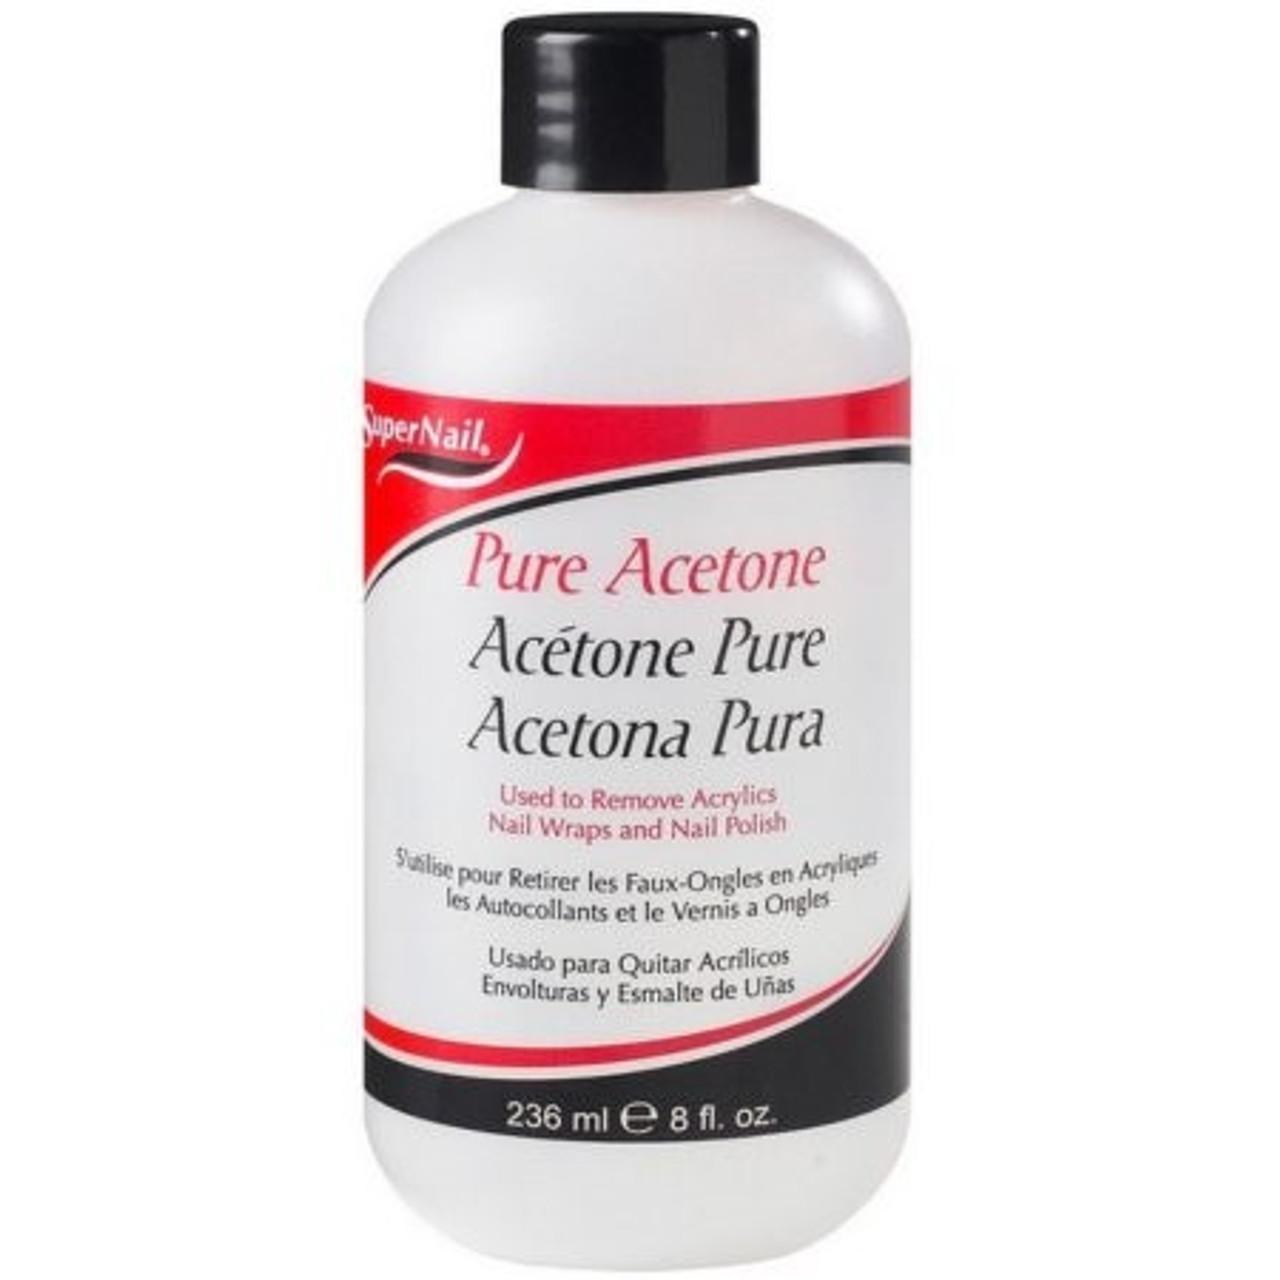 Super Nail Pure Acetone Polish Remover 8 Oz